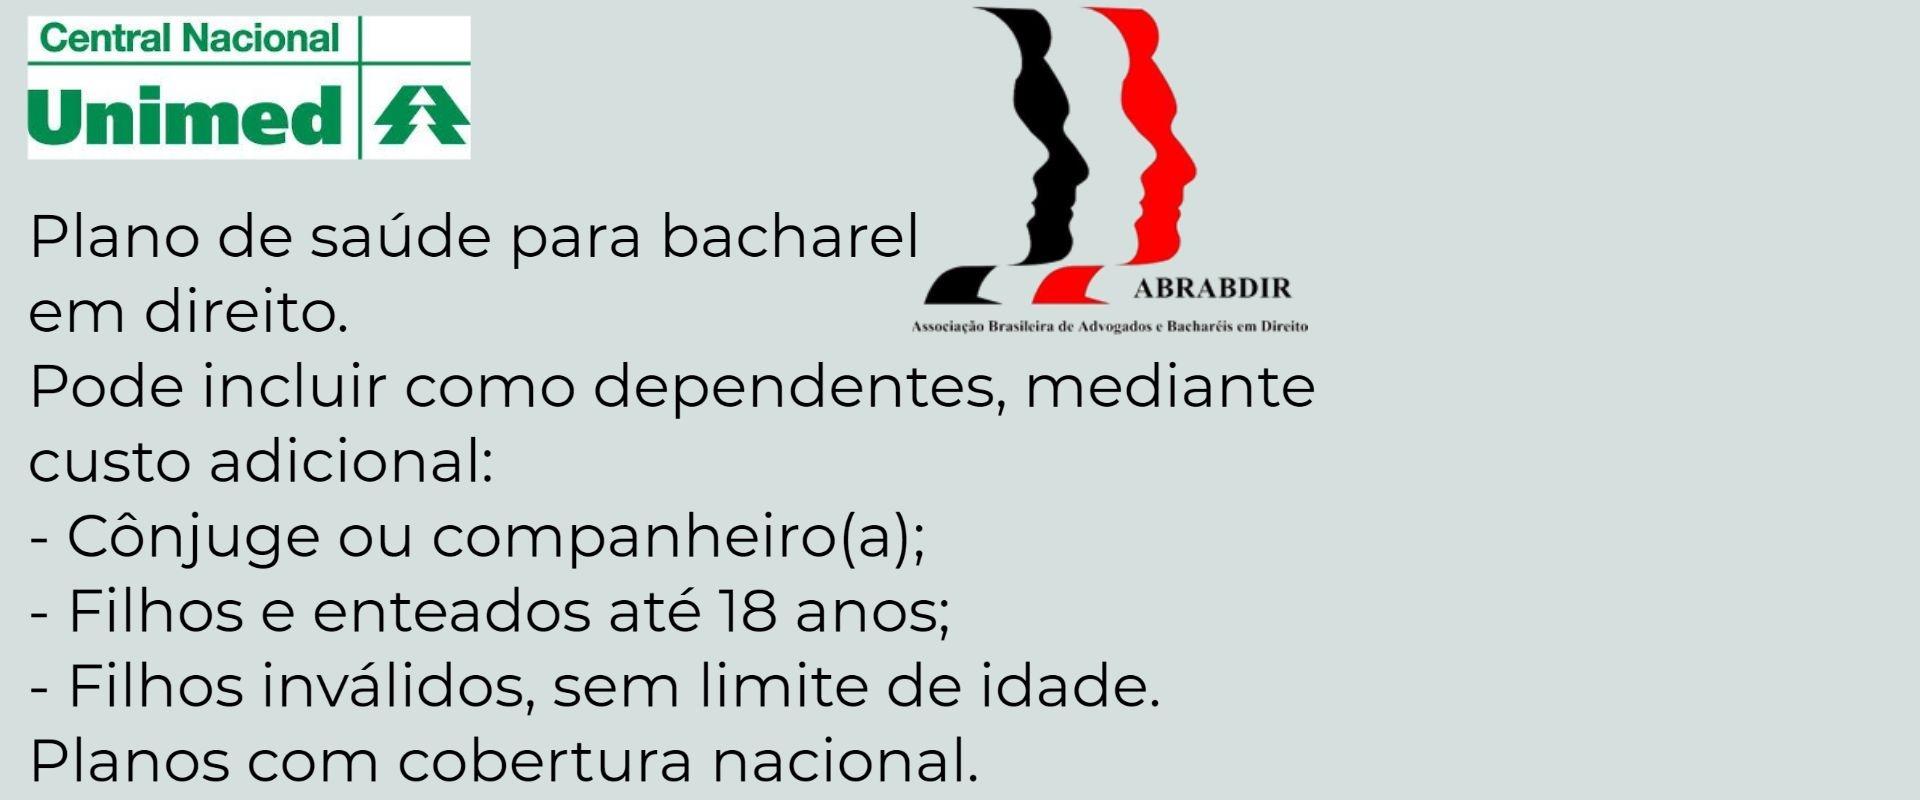 Unimed ABRABDIR Franca